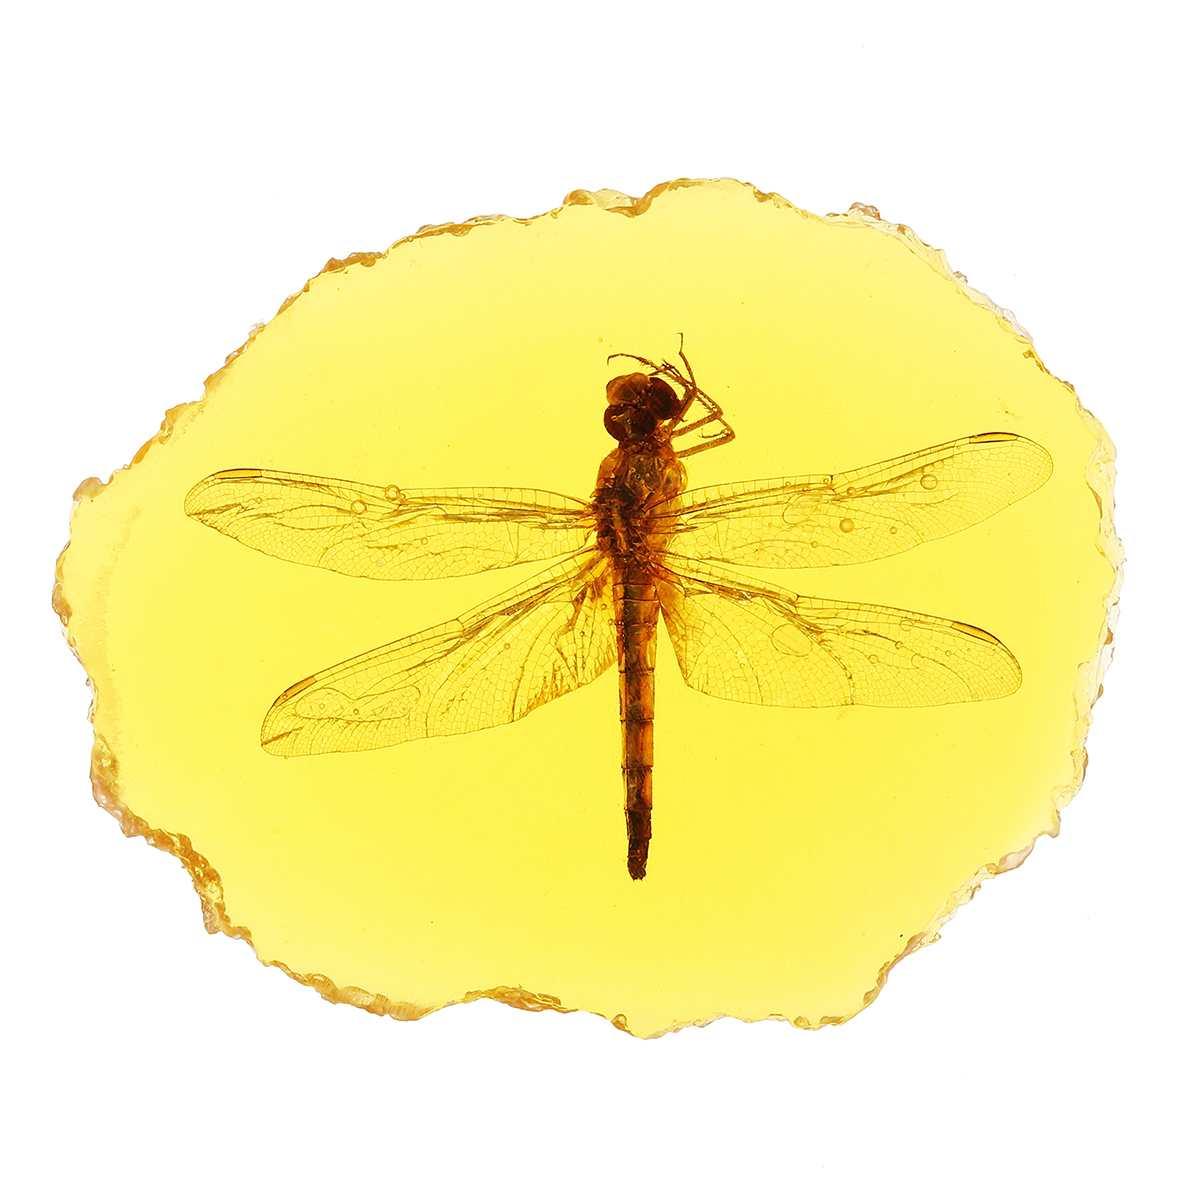 Натуральный Янтарный Стрекоза Скорпион бабочка геккон насекомое ручной полировки украшения DIY Орнамент Ремесло подарок для дома - Цвет: Dragonfly